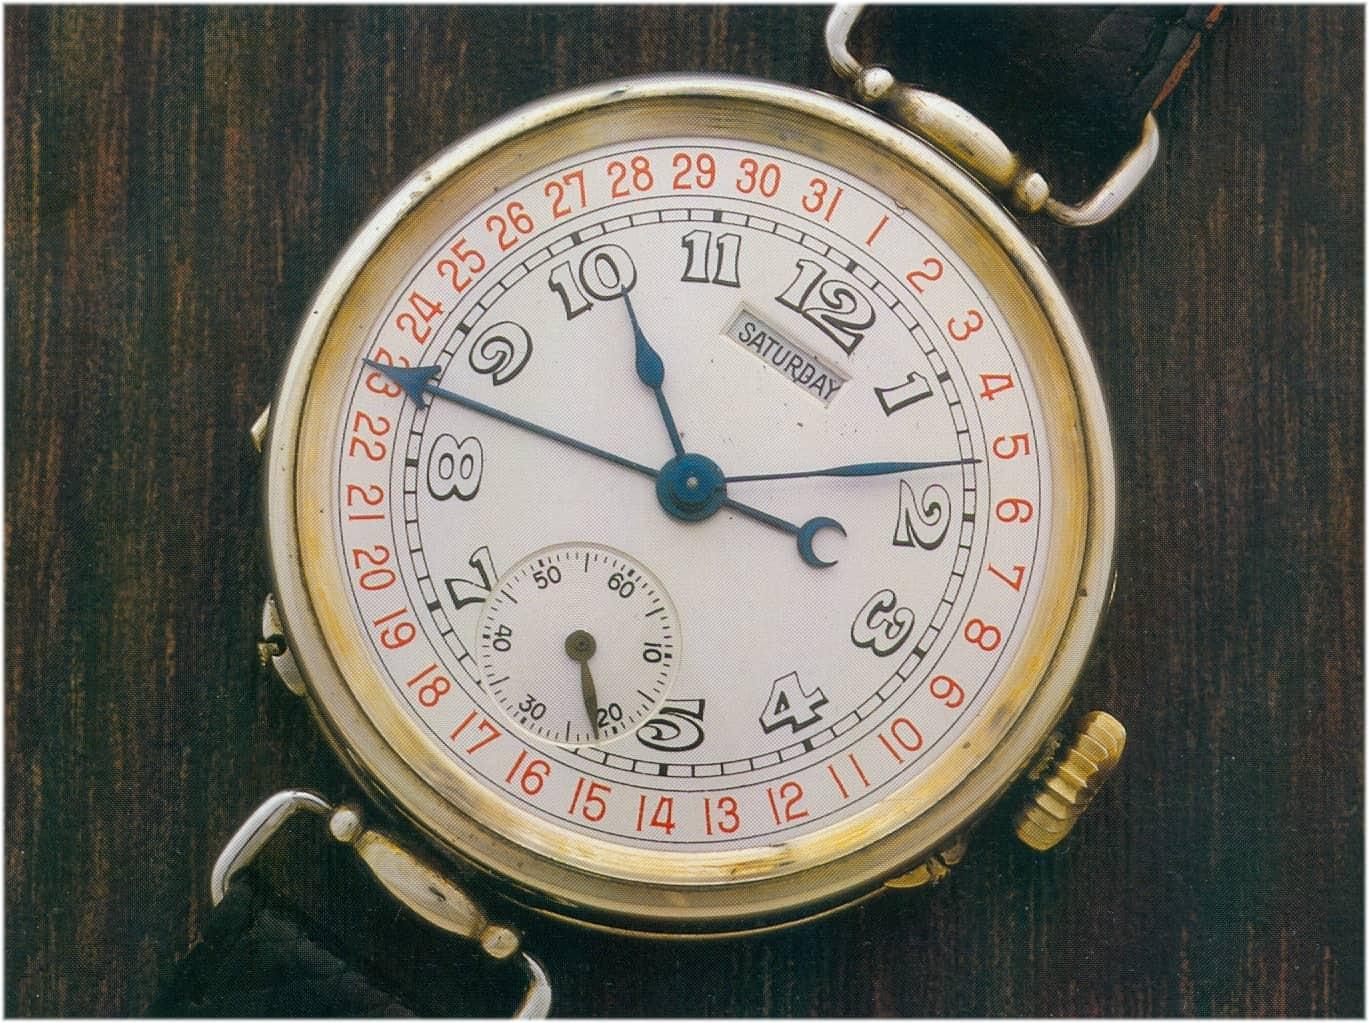 Von H. Moser & Cie. aus dem Jahr 1916 stammt die vermutlich erste Armbanduhr mit Datums- und Wochentagsanzeige